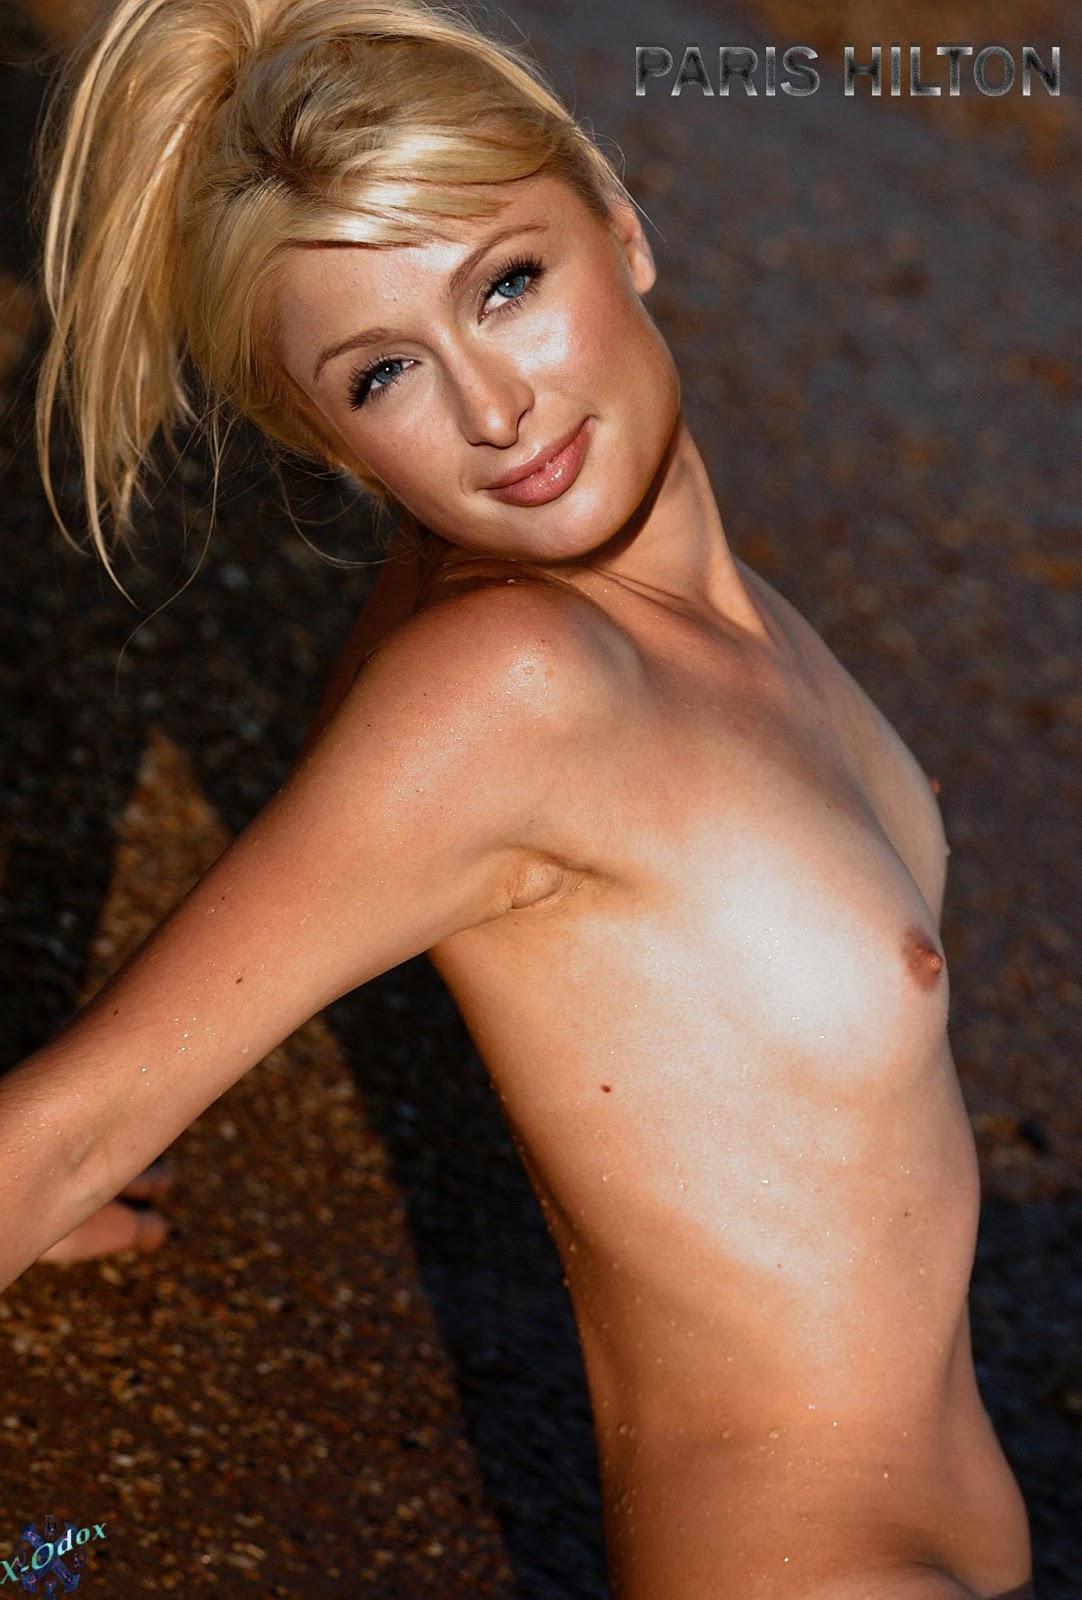 Paris Hiltons Nacktbilder und Videos